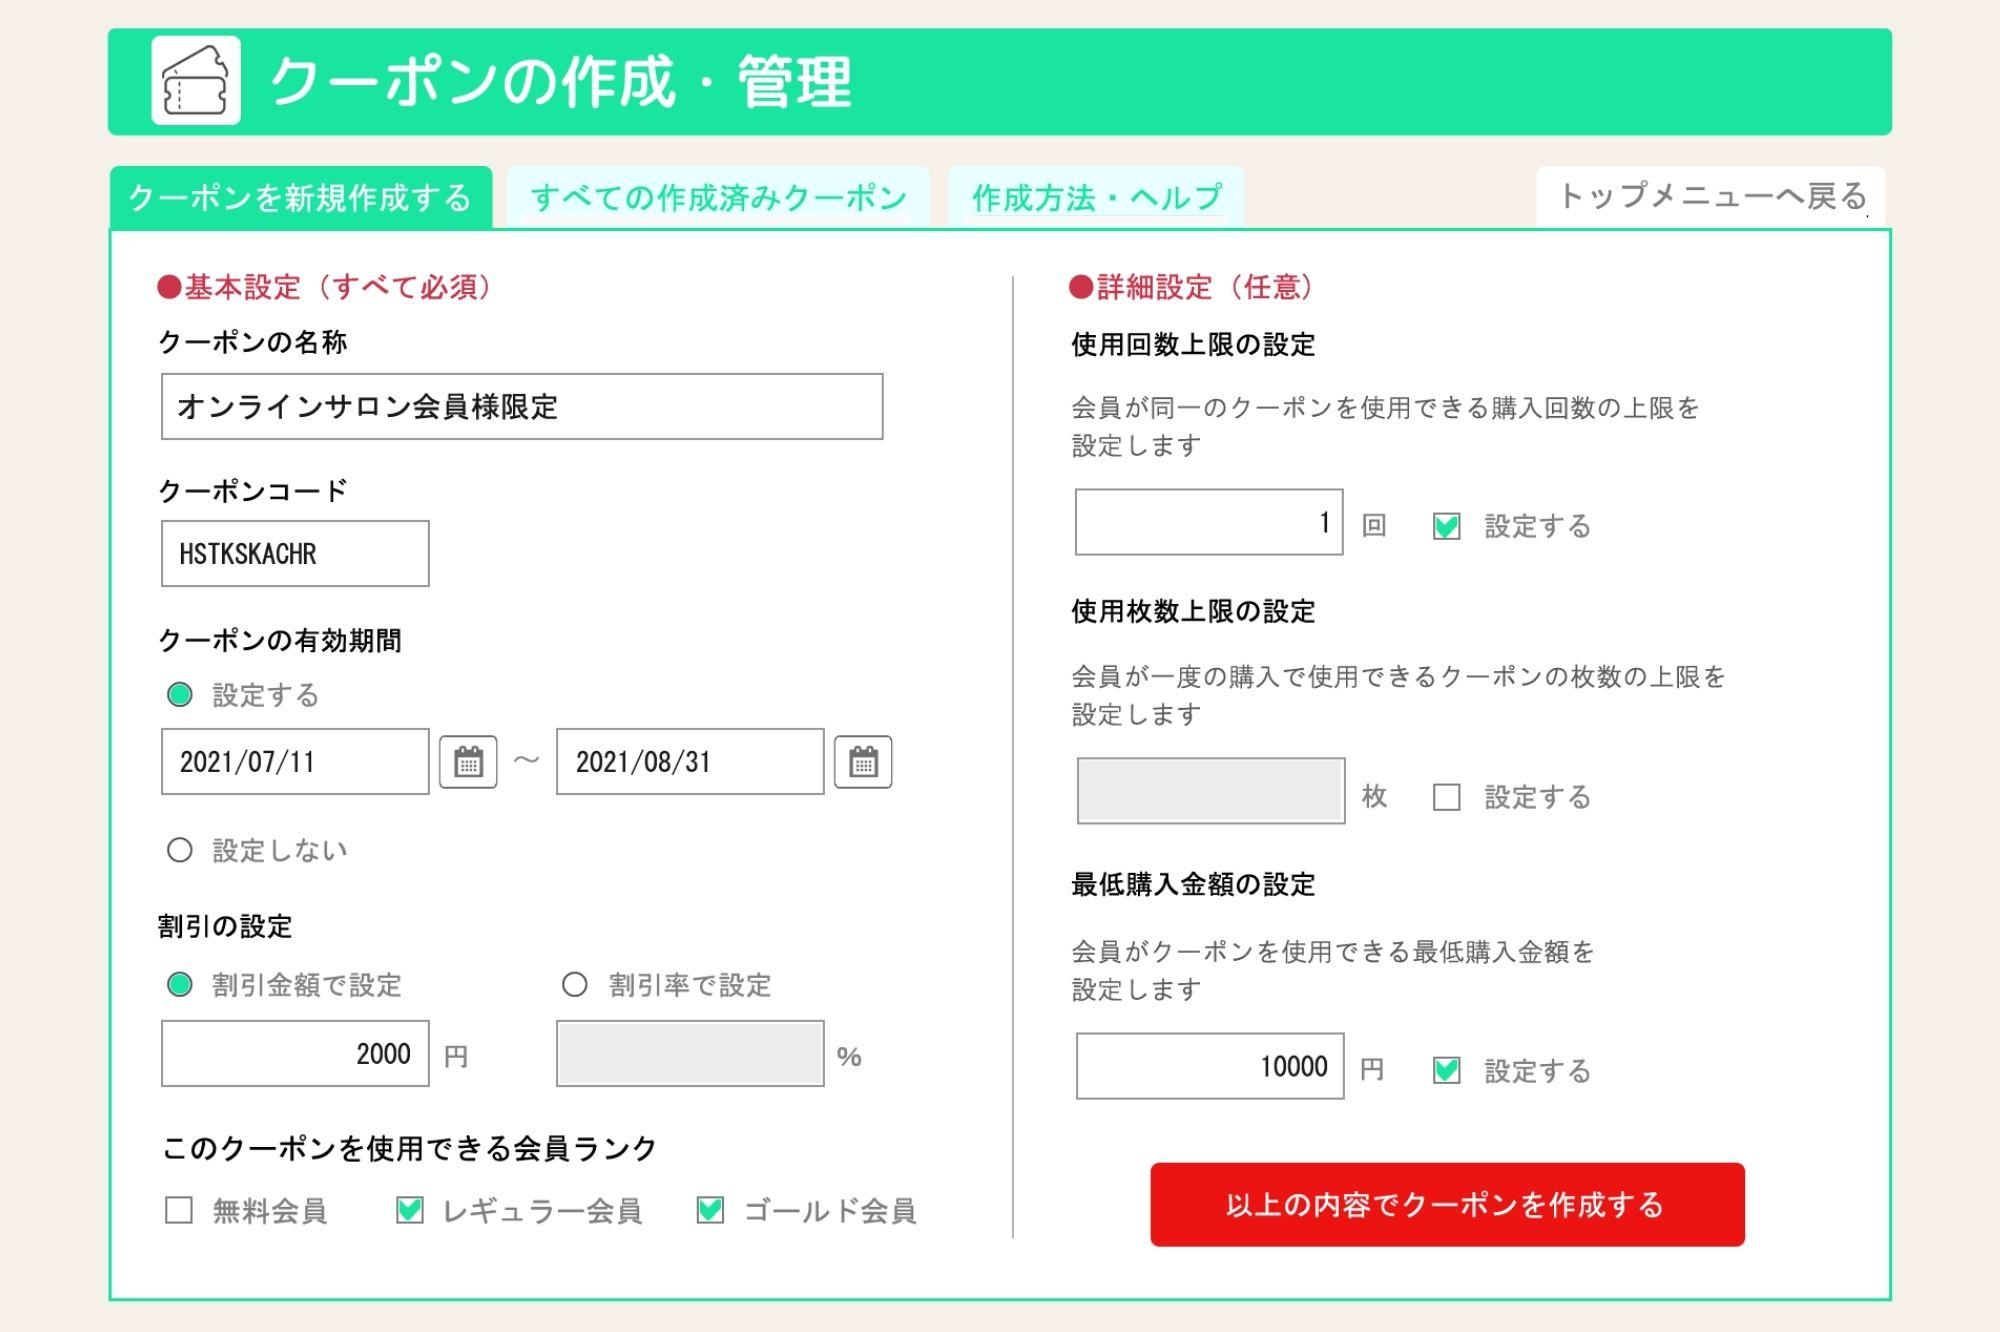 オンラインサロン上クーポンシステム設計・稼働イメージ